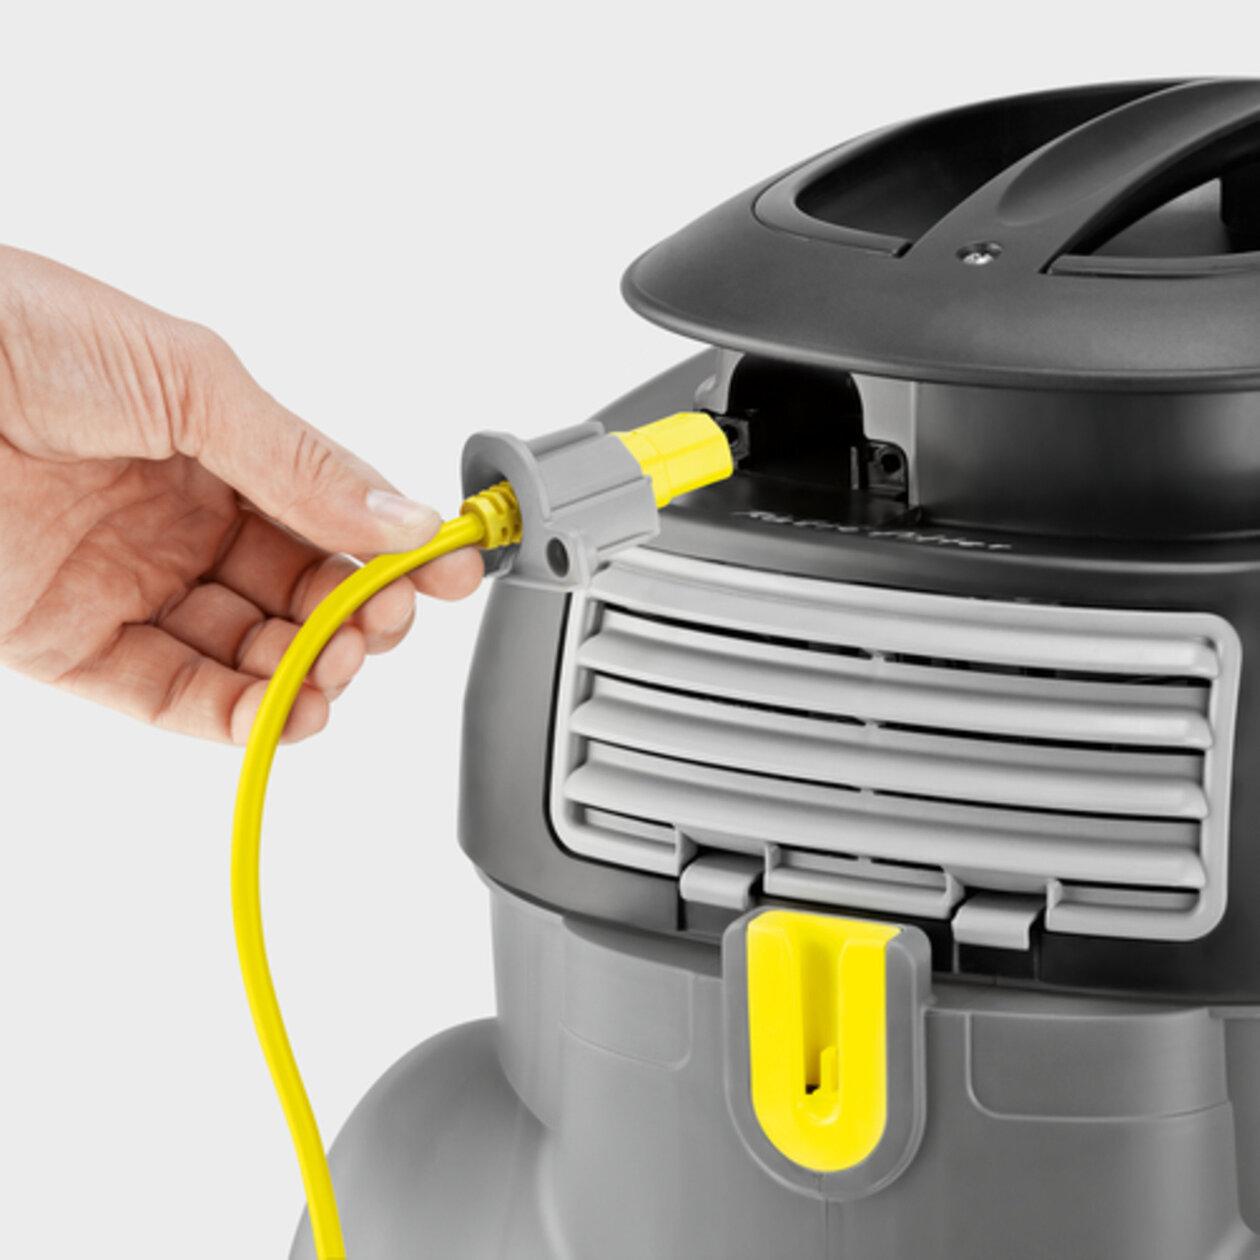 Пылесос сухой уборки T 15/1 Eco!efficiency: Удобство в обслуживании